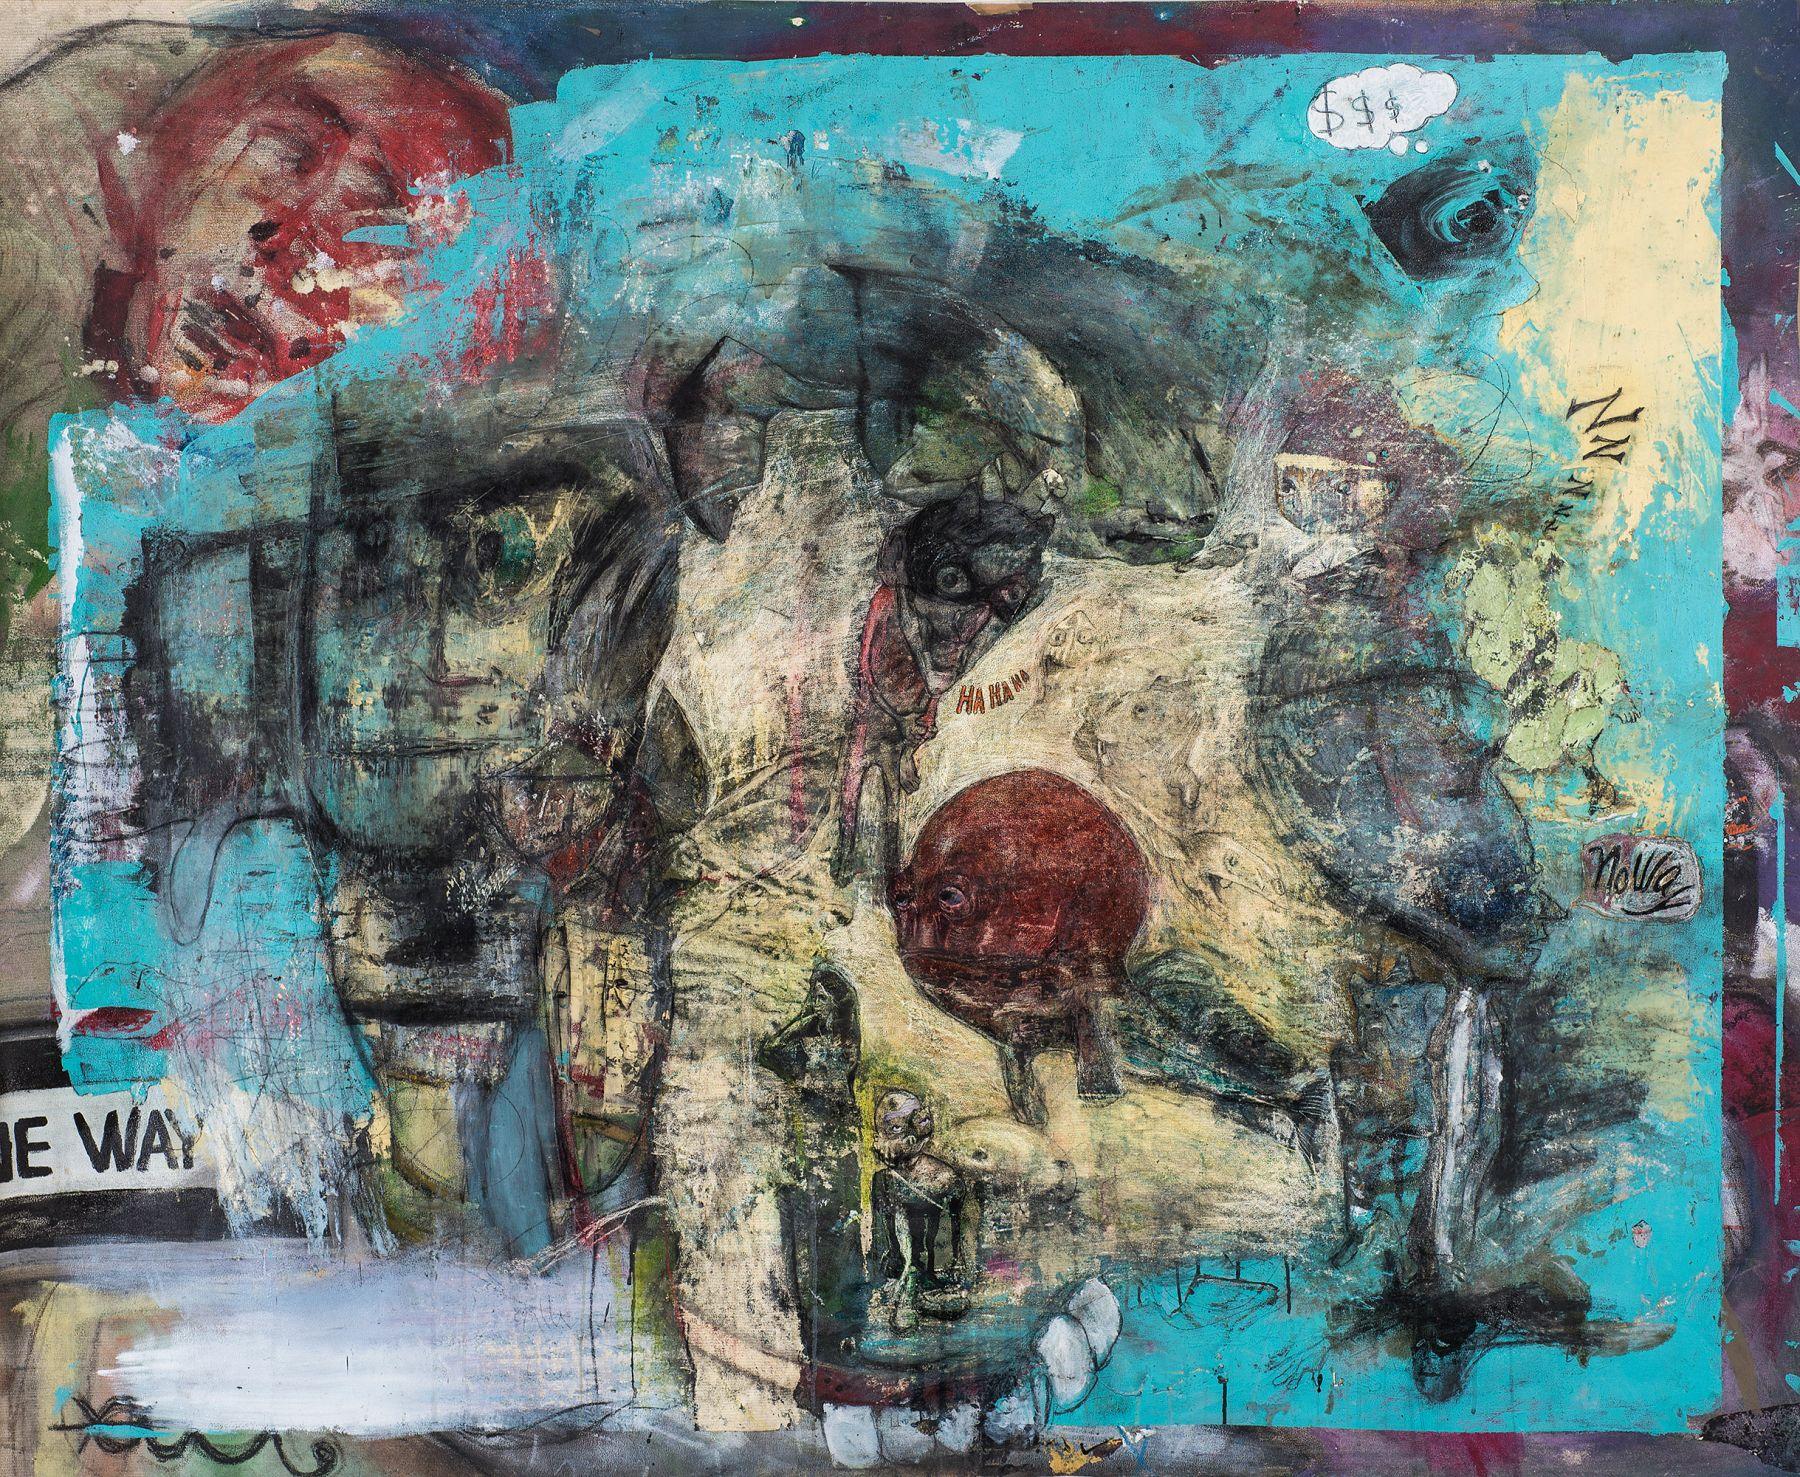 One way for a dream by Yunierki Felix Hodelin